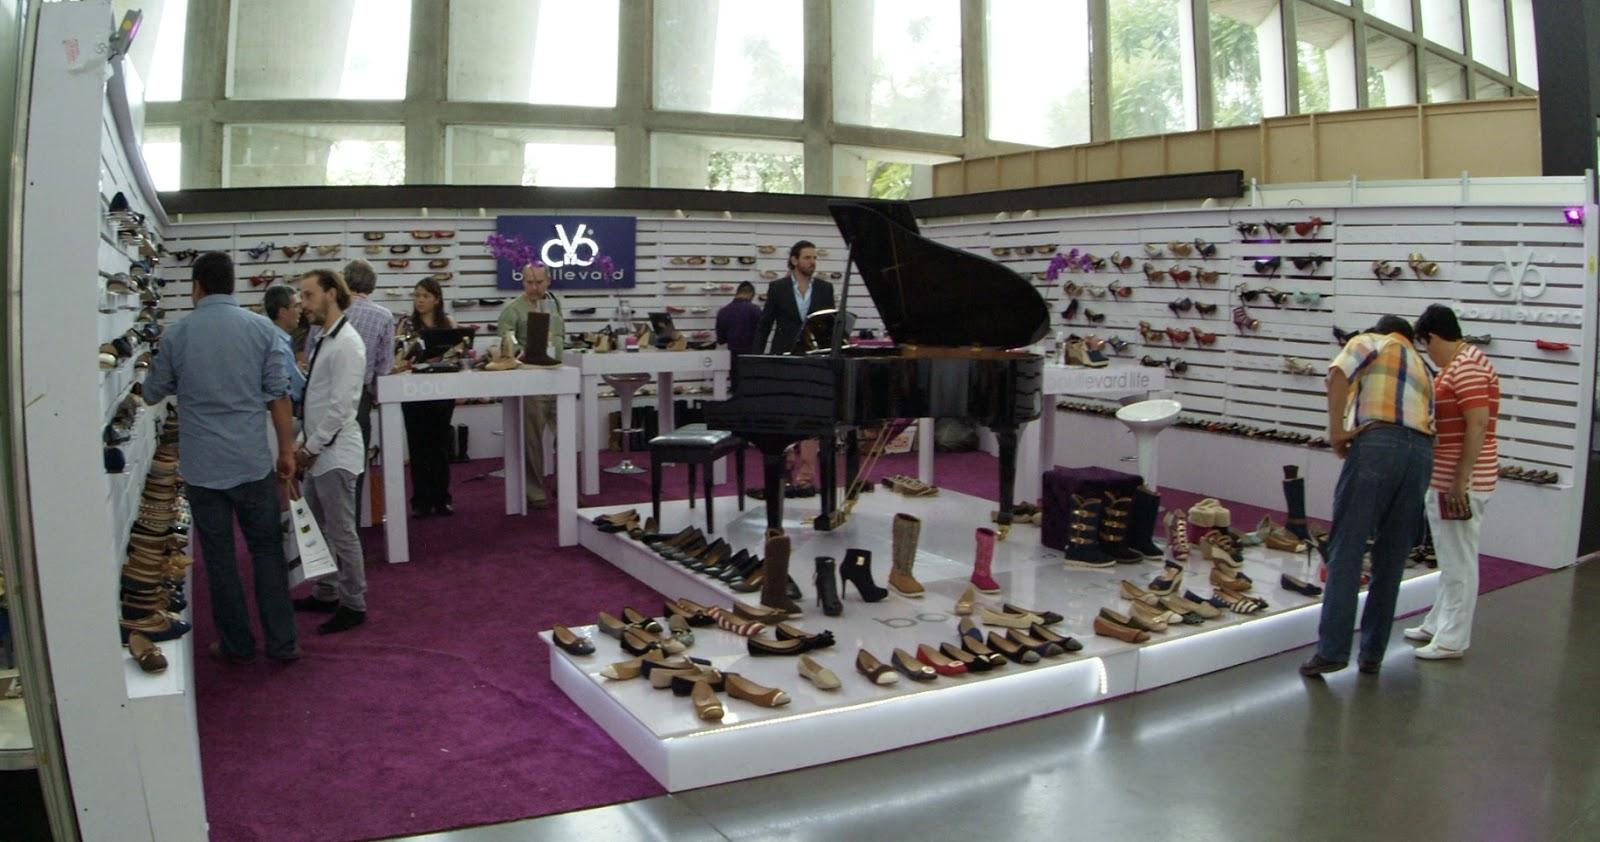 sapica agosto 2014, poliforum, exposición de calzado y artículos de piel, boullevard